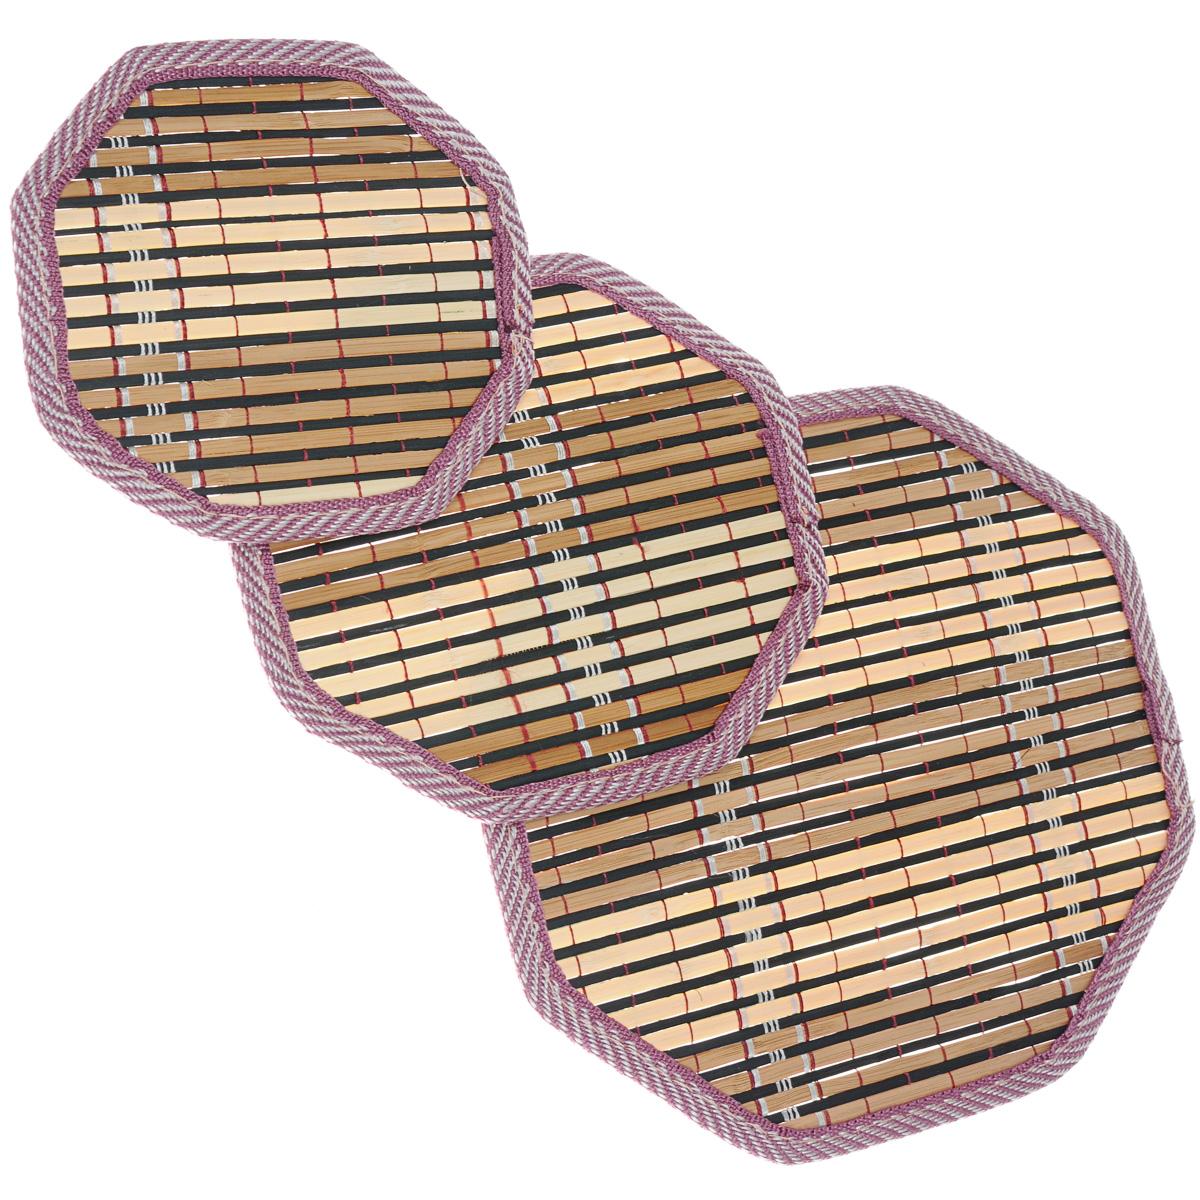 Набор салфеток под горячее Dommix, цвет: коричневый, 3 штOW045Набор Dommix, состоящий из 3 бамбуковых салфеток под горячее, идеально впишется в интерьер современной кухни. Салфетки из бамбука не впитывают запахи, легко моются, не деформируются при длительном использовании. Бамбук обладает антибактериальными и водоотталкивающими свойствами. Также имеют высокую прочность. Каждая хозяйка знает, что салфетка под горячее - это незаменимый и очень полезный аксессуар на каждой кухне. Ваш стол будет не только украшен оригинальной салфеткой, но и сбережен от воздействия высоких температур ваших кулинарных шедевров.